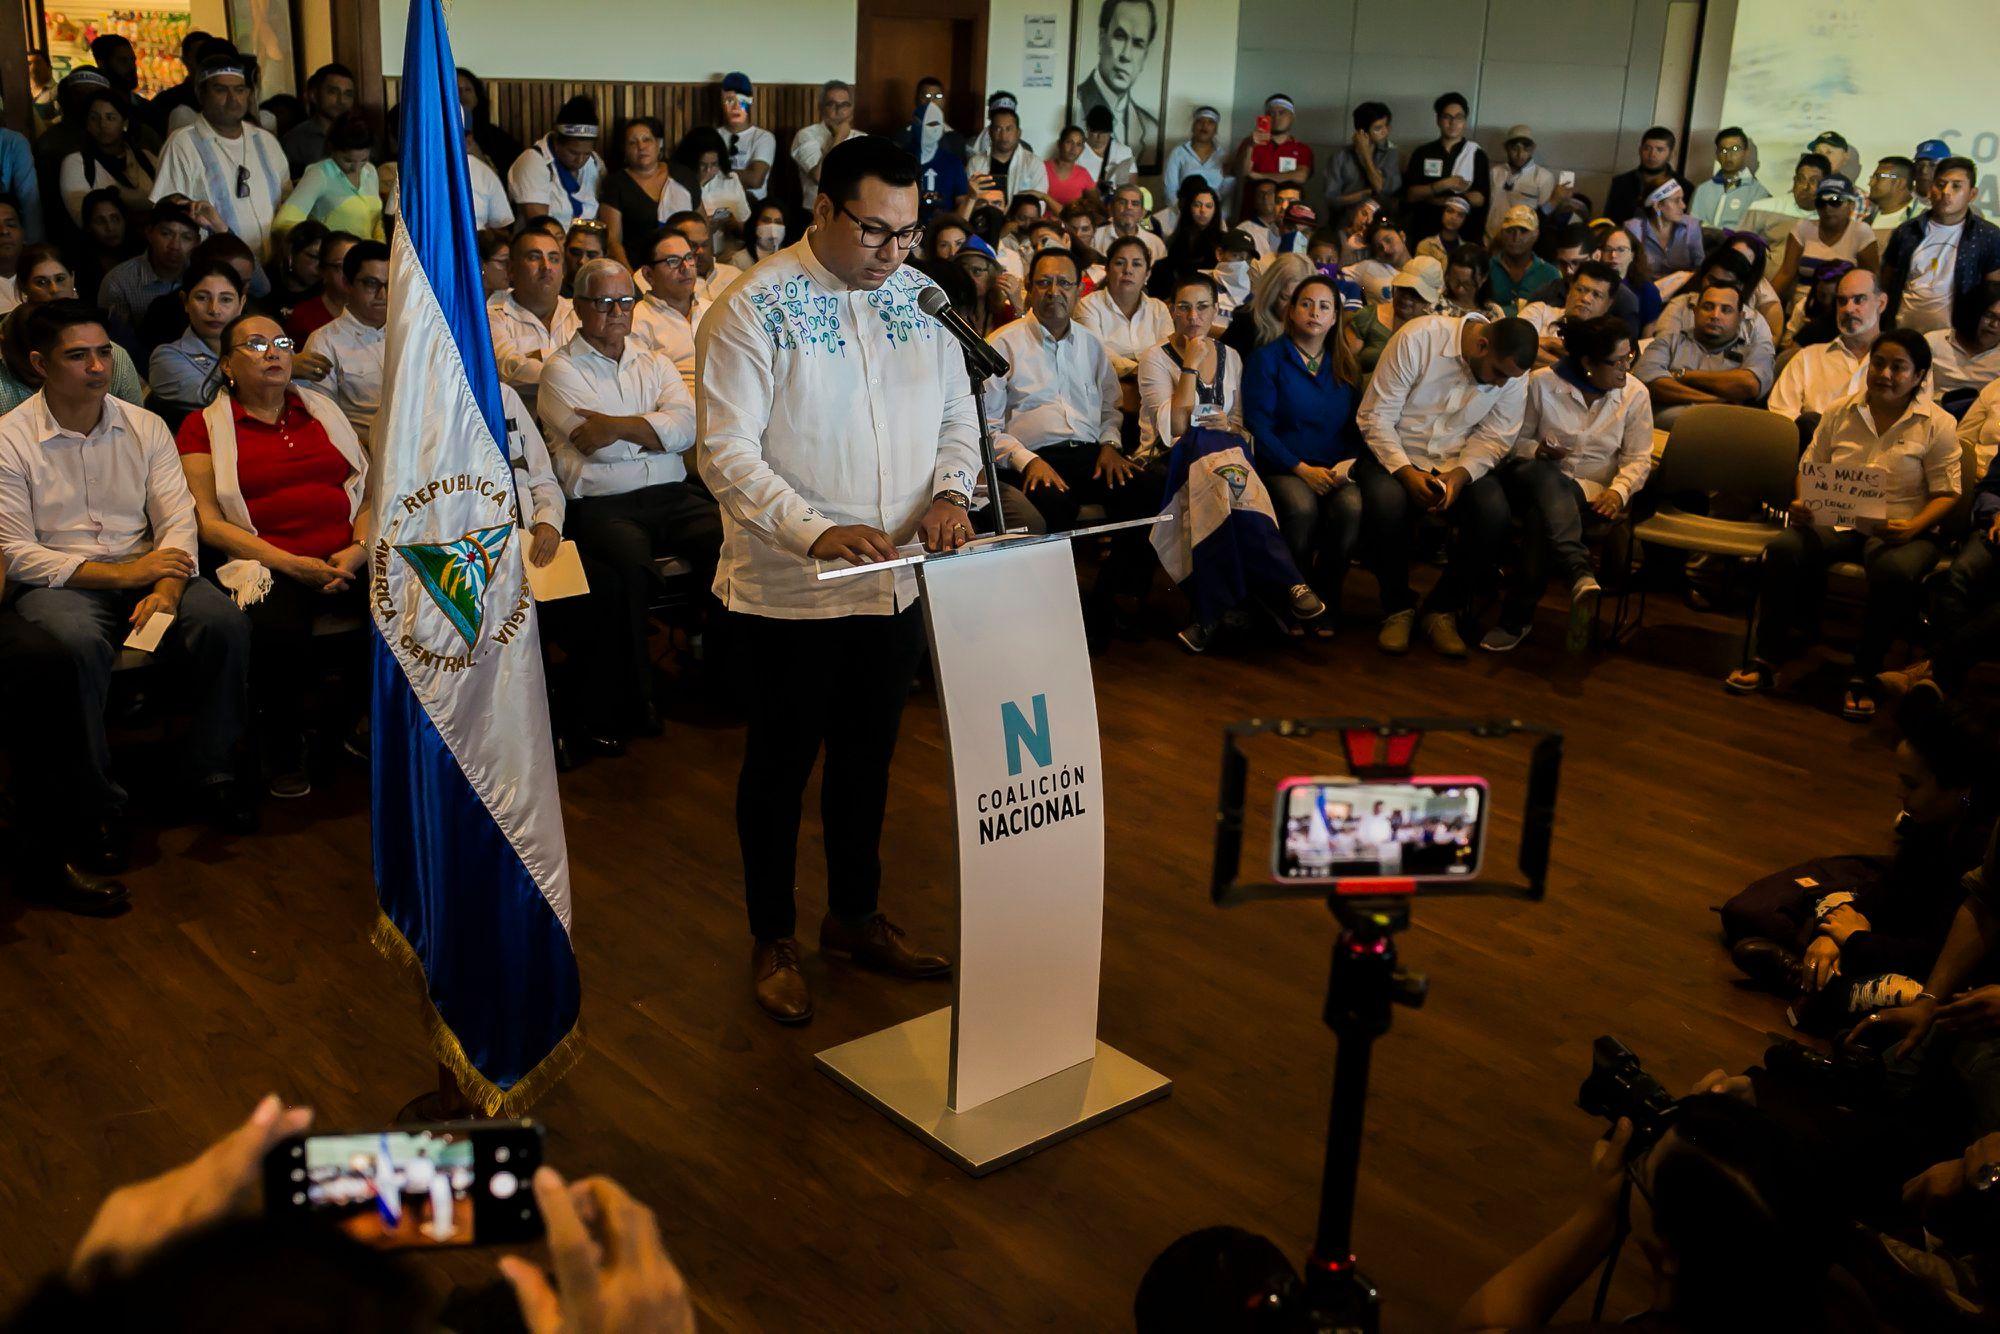 Proclamación de la Coalición Nacional, el 25 de febrero de 2020. Foto: Jorge Mejía Peralta.